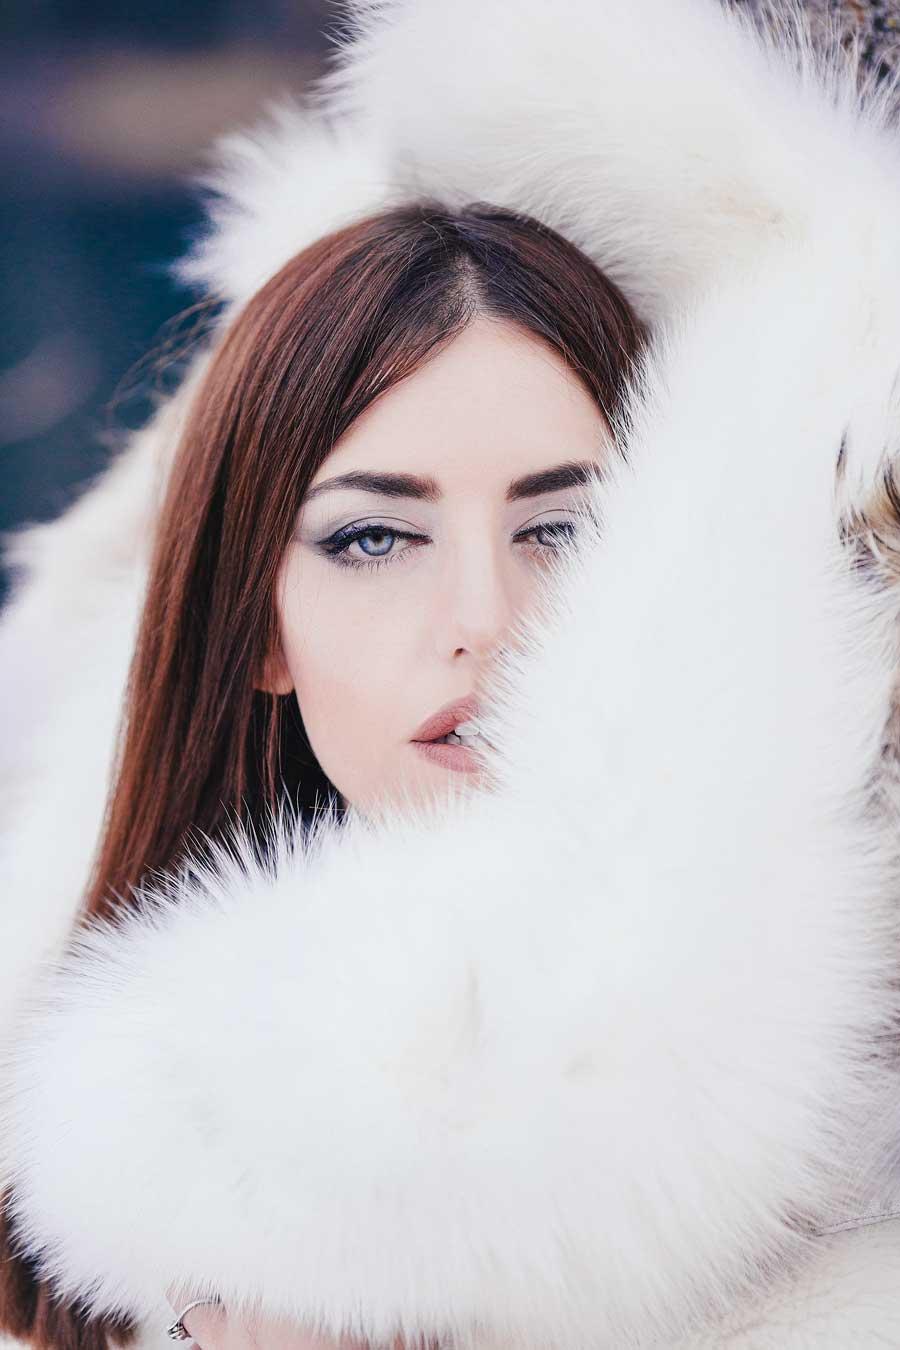 ritratto lady fur pelliccia bianca